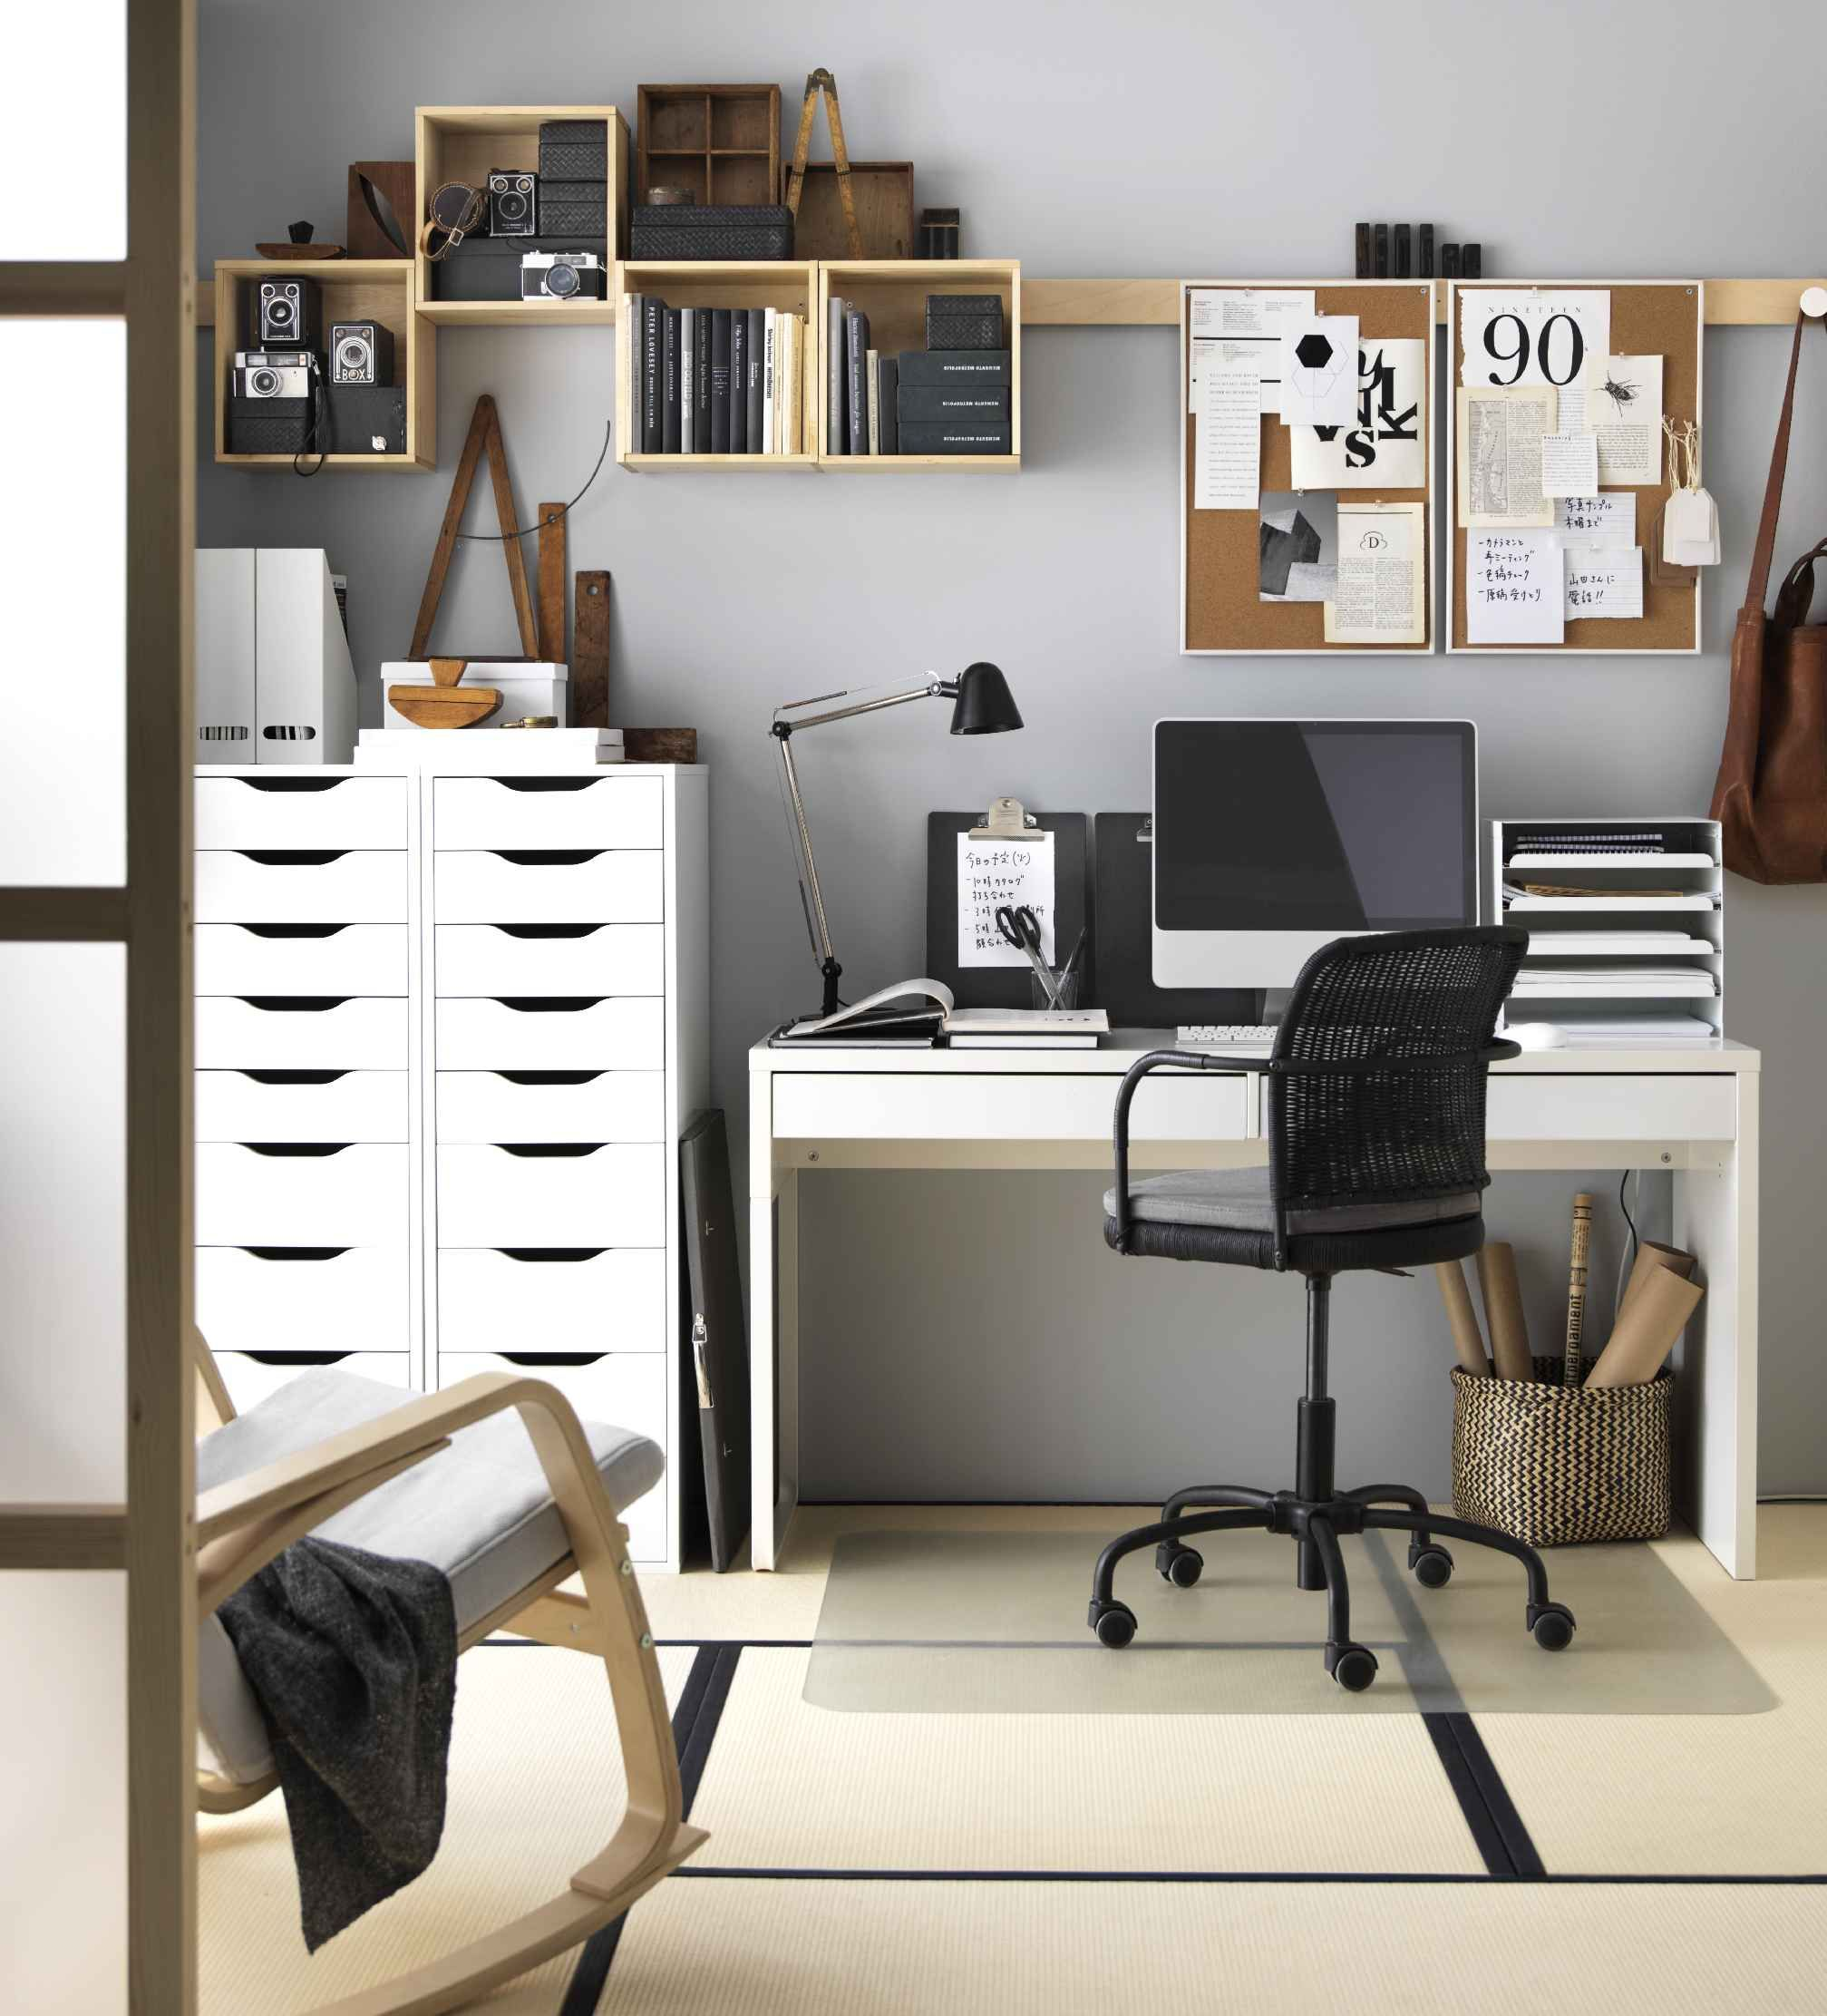 Pokój Nastolatki Ikea - Szukaj W Google